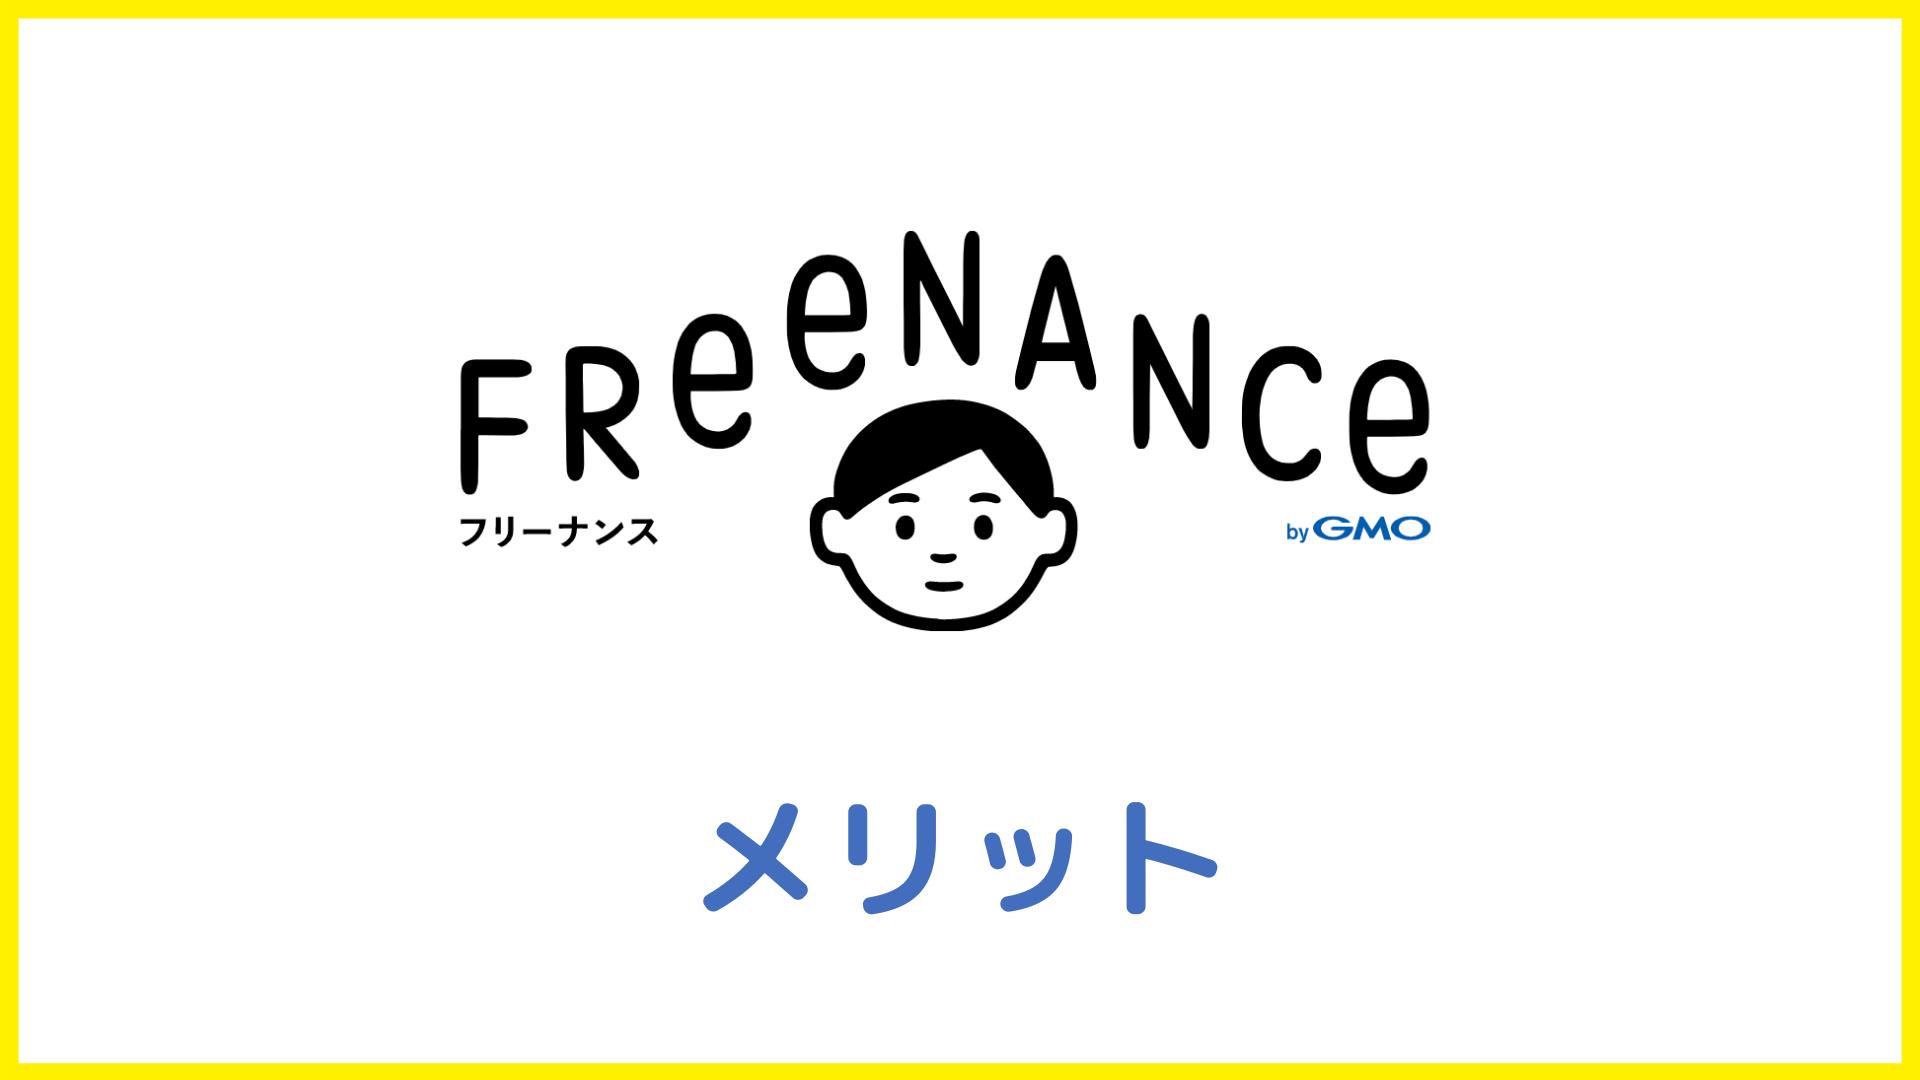 FREENANCE(フリーナンス)のメリット3つ